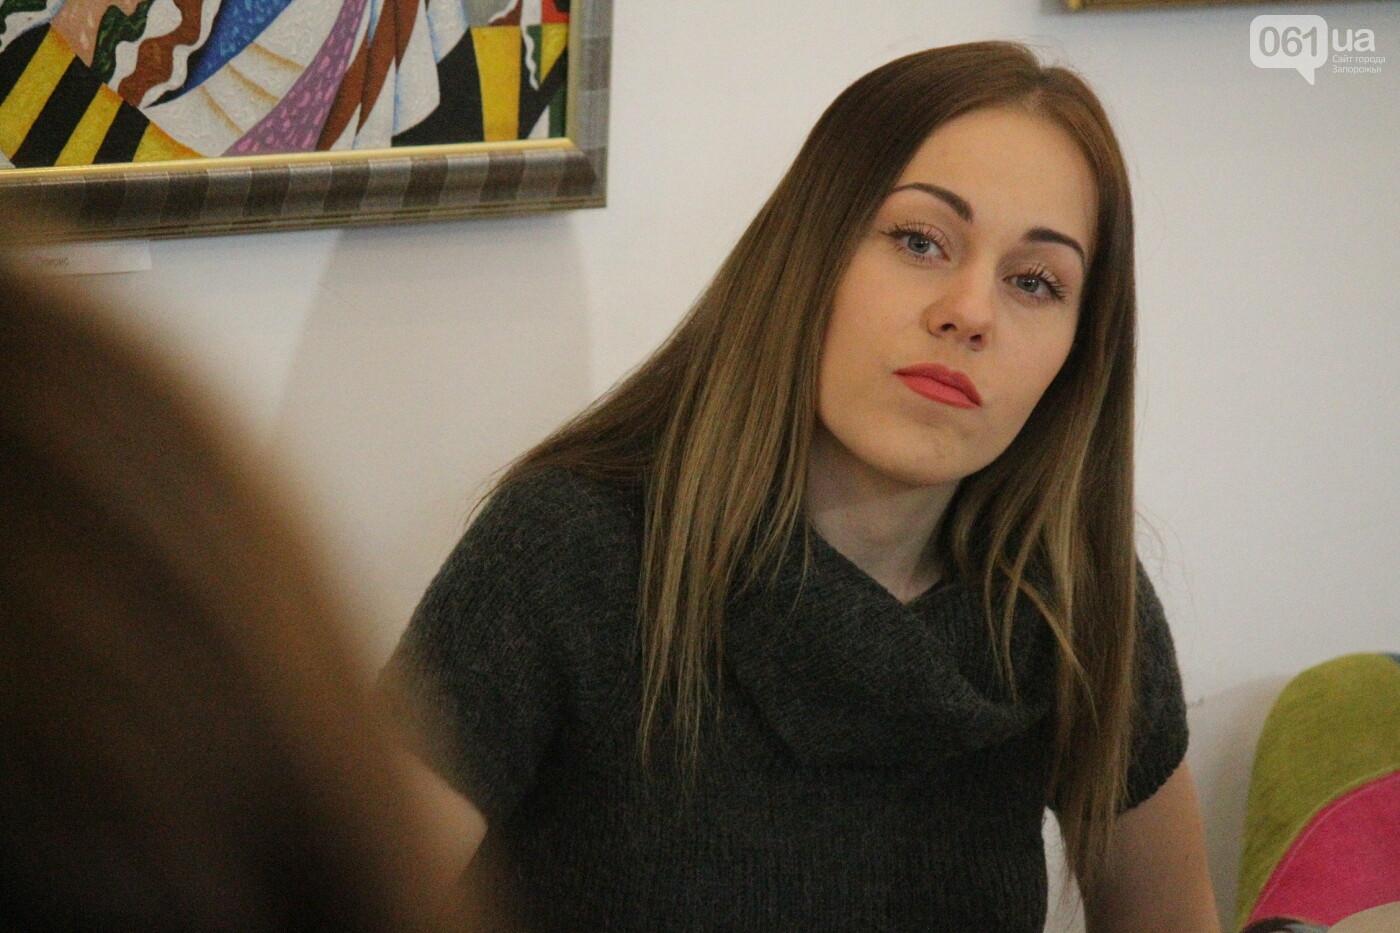 Перед концертом в родном Запорожье певица Alyosha провела автограф-сессию, – ФОТОРЕПОРТАЖ, фото-2